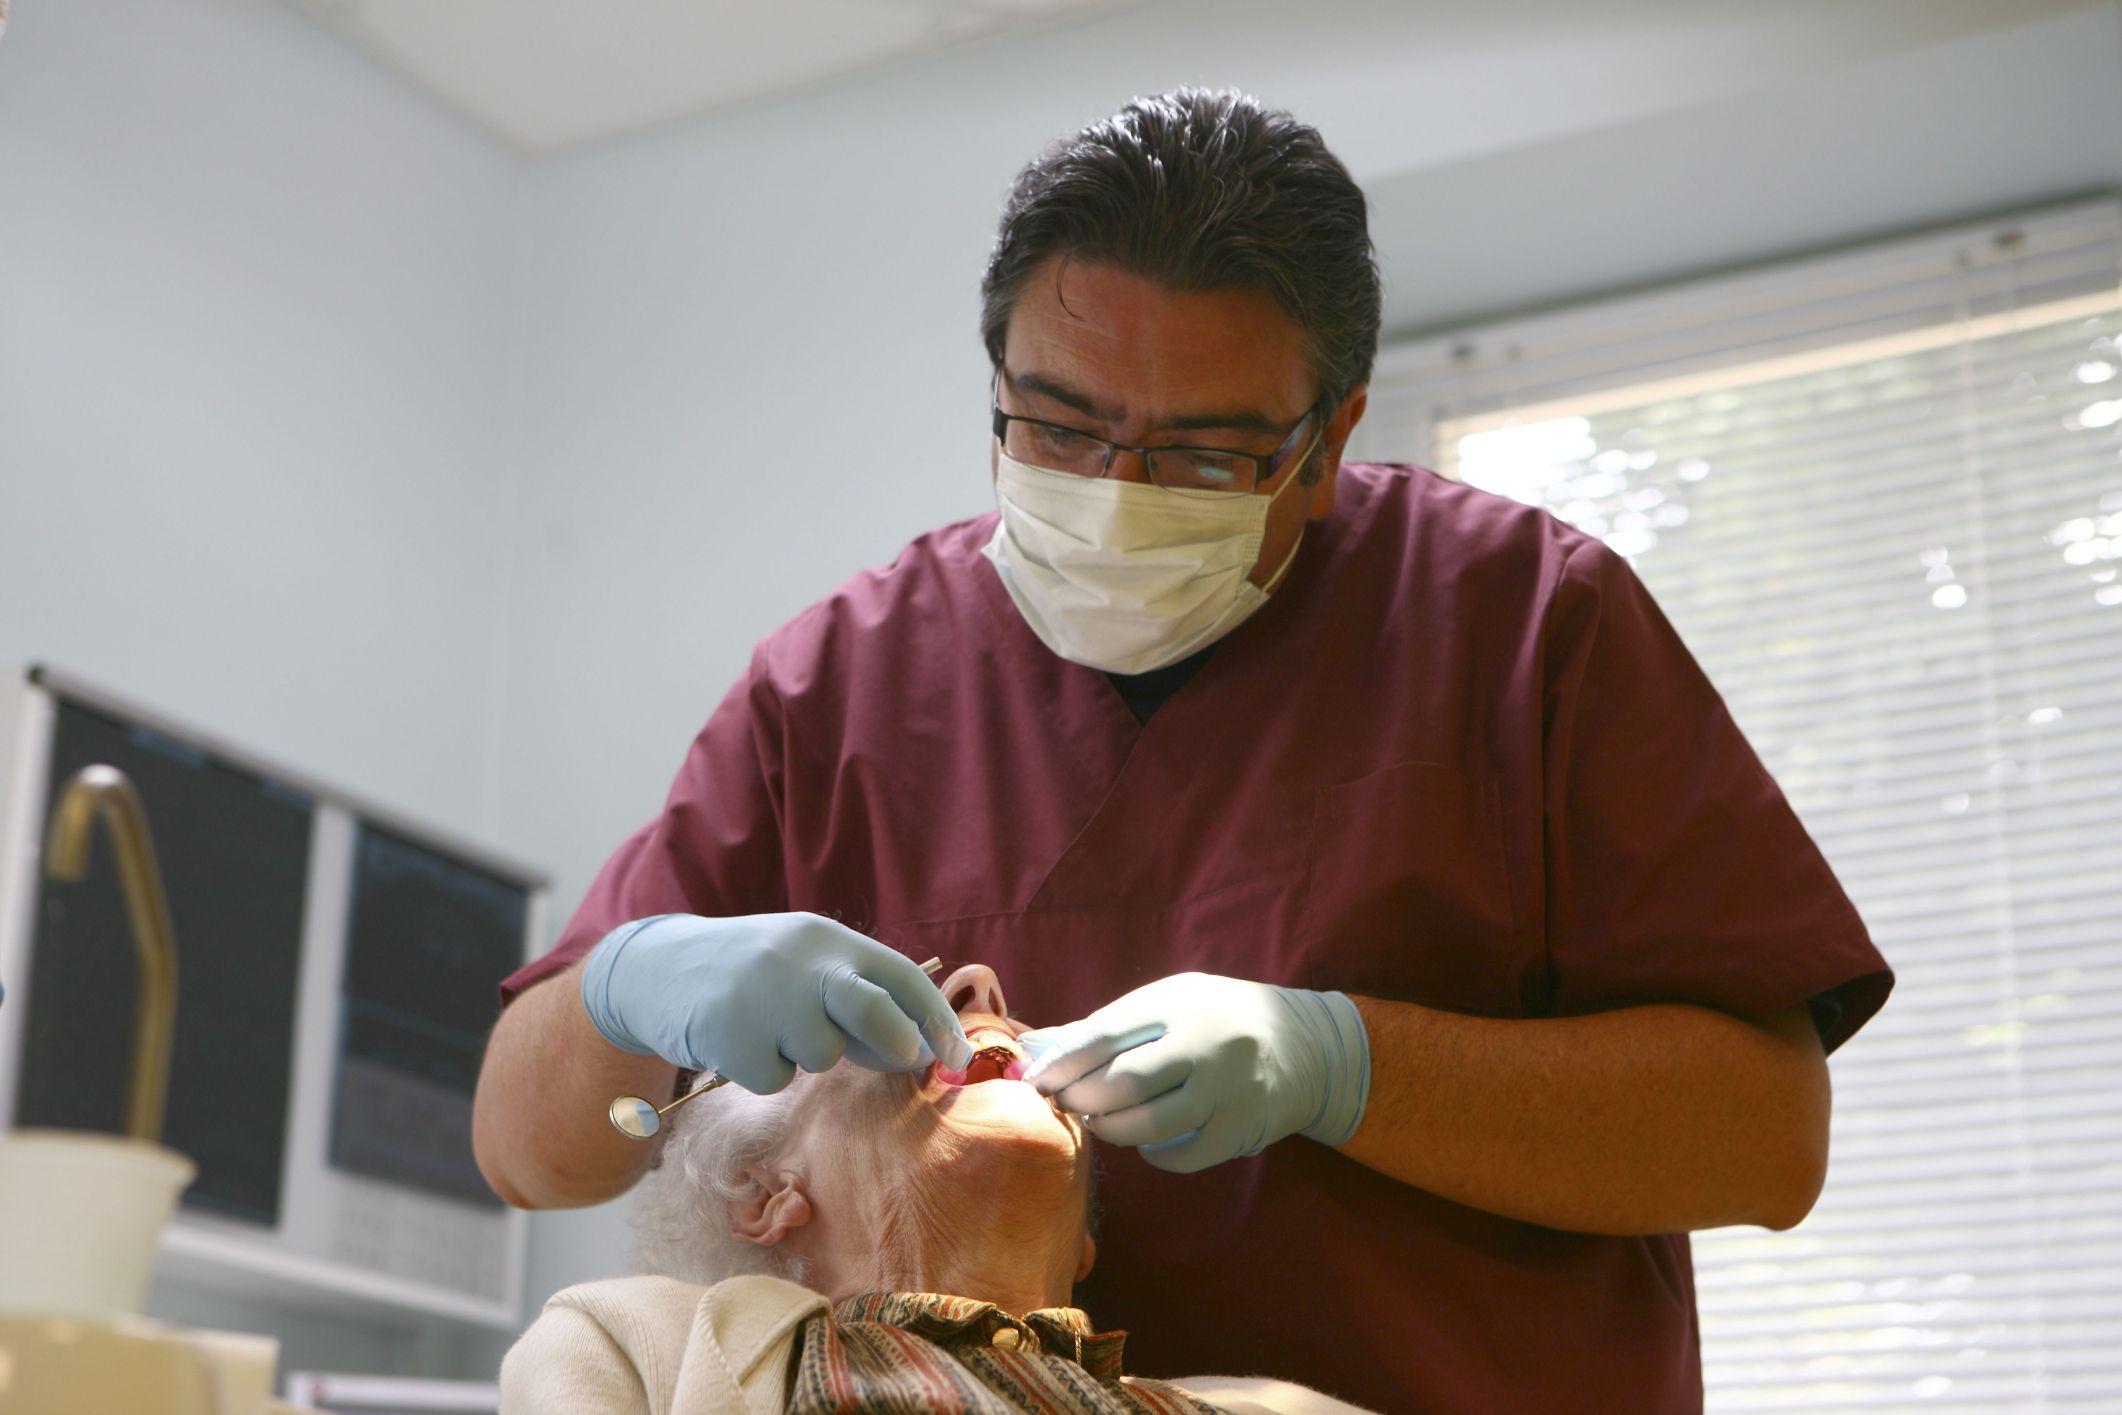 Hospital or Dentist for a Dental Emergency